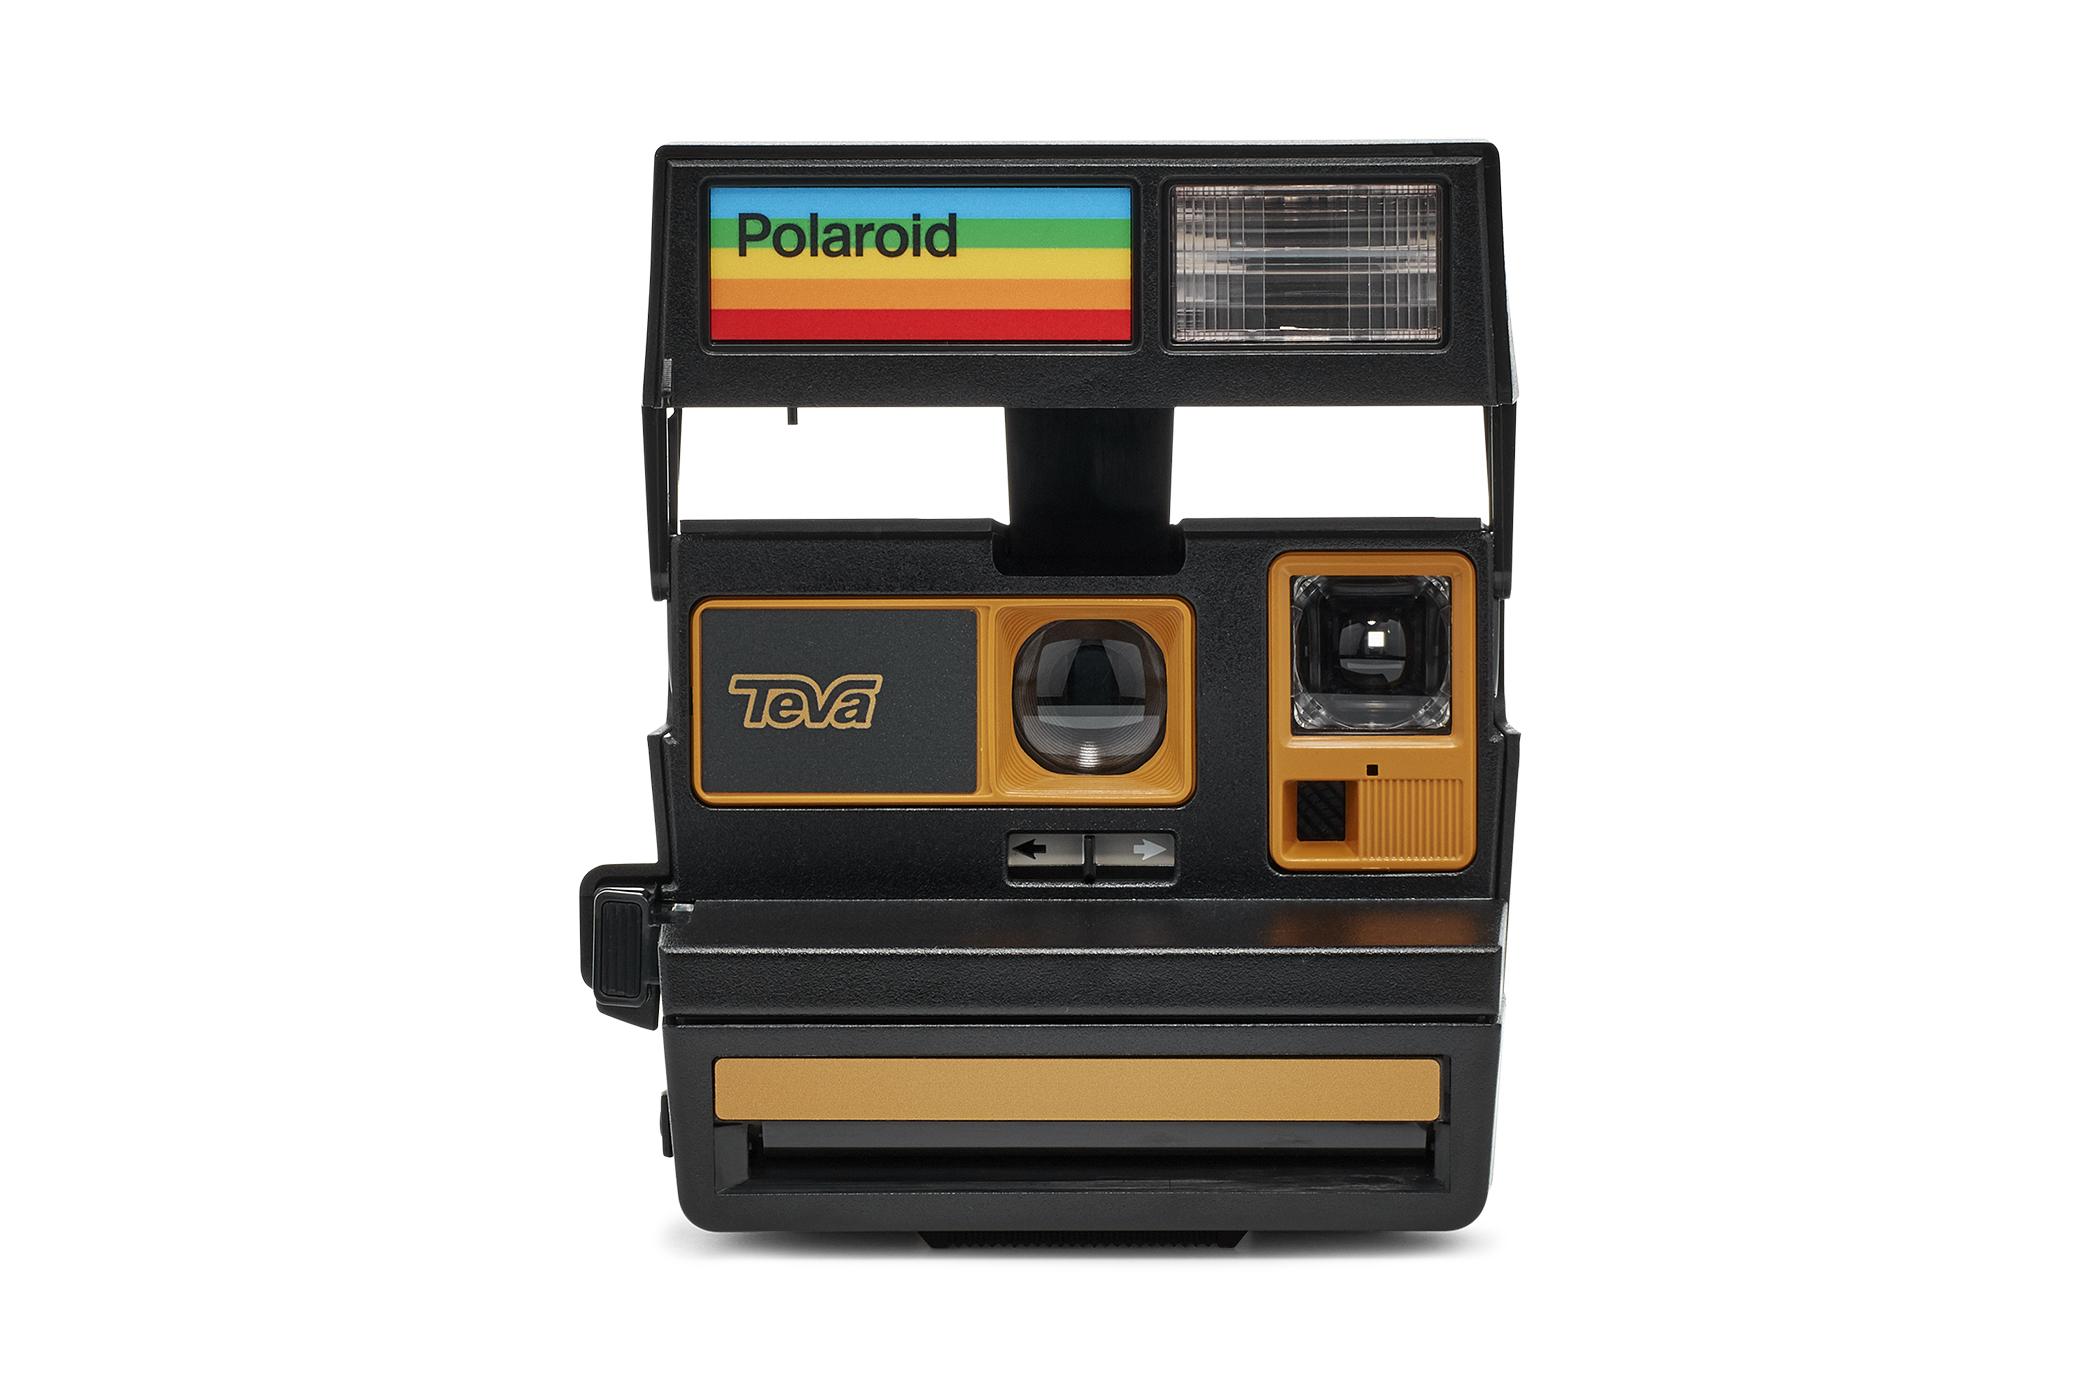 Teva x Polaroid camera